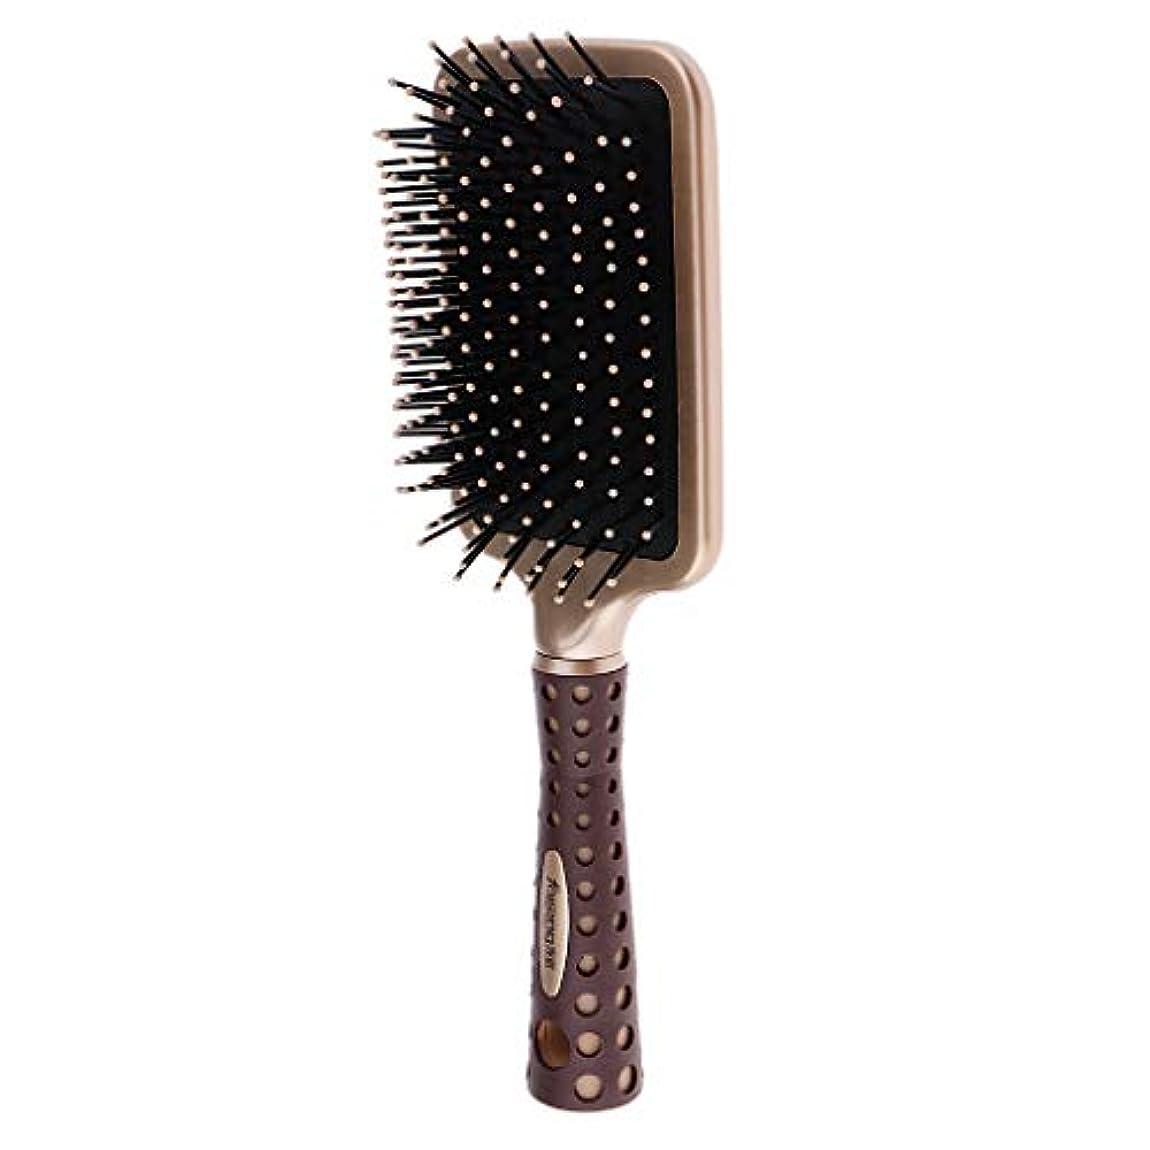 息苦しい虐待落ち着いた静電防止櫛 クッションヘアブラシ 頭皮マッサージ コーム 2サイズ選べ - L